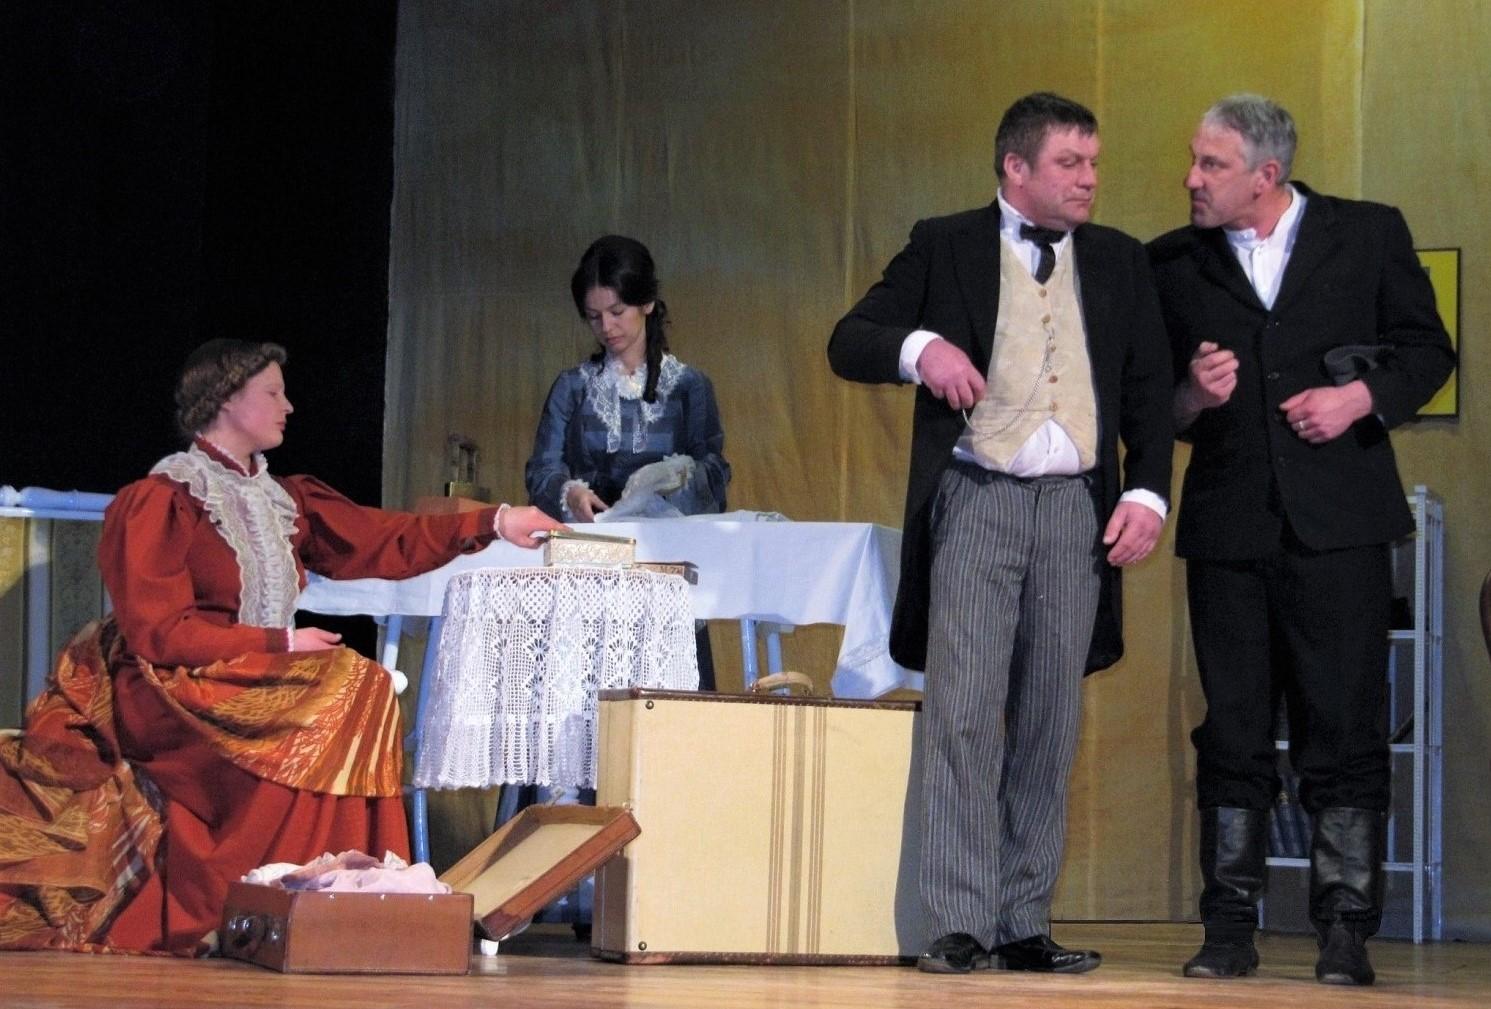 Zlėkų mėgėjų teatras iš Latvijos | Rengėjų nuotr